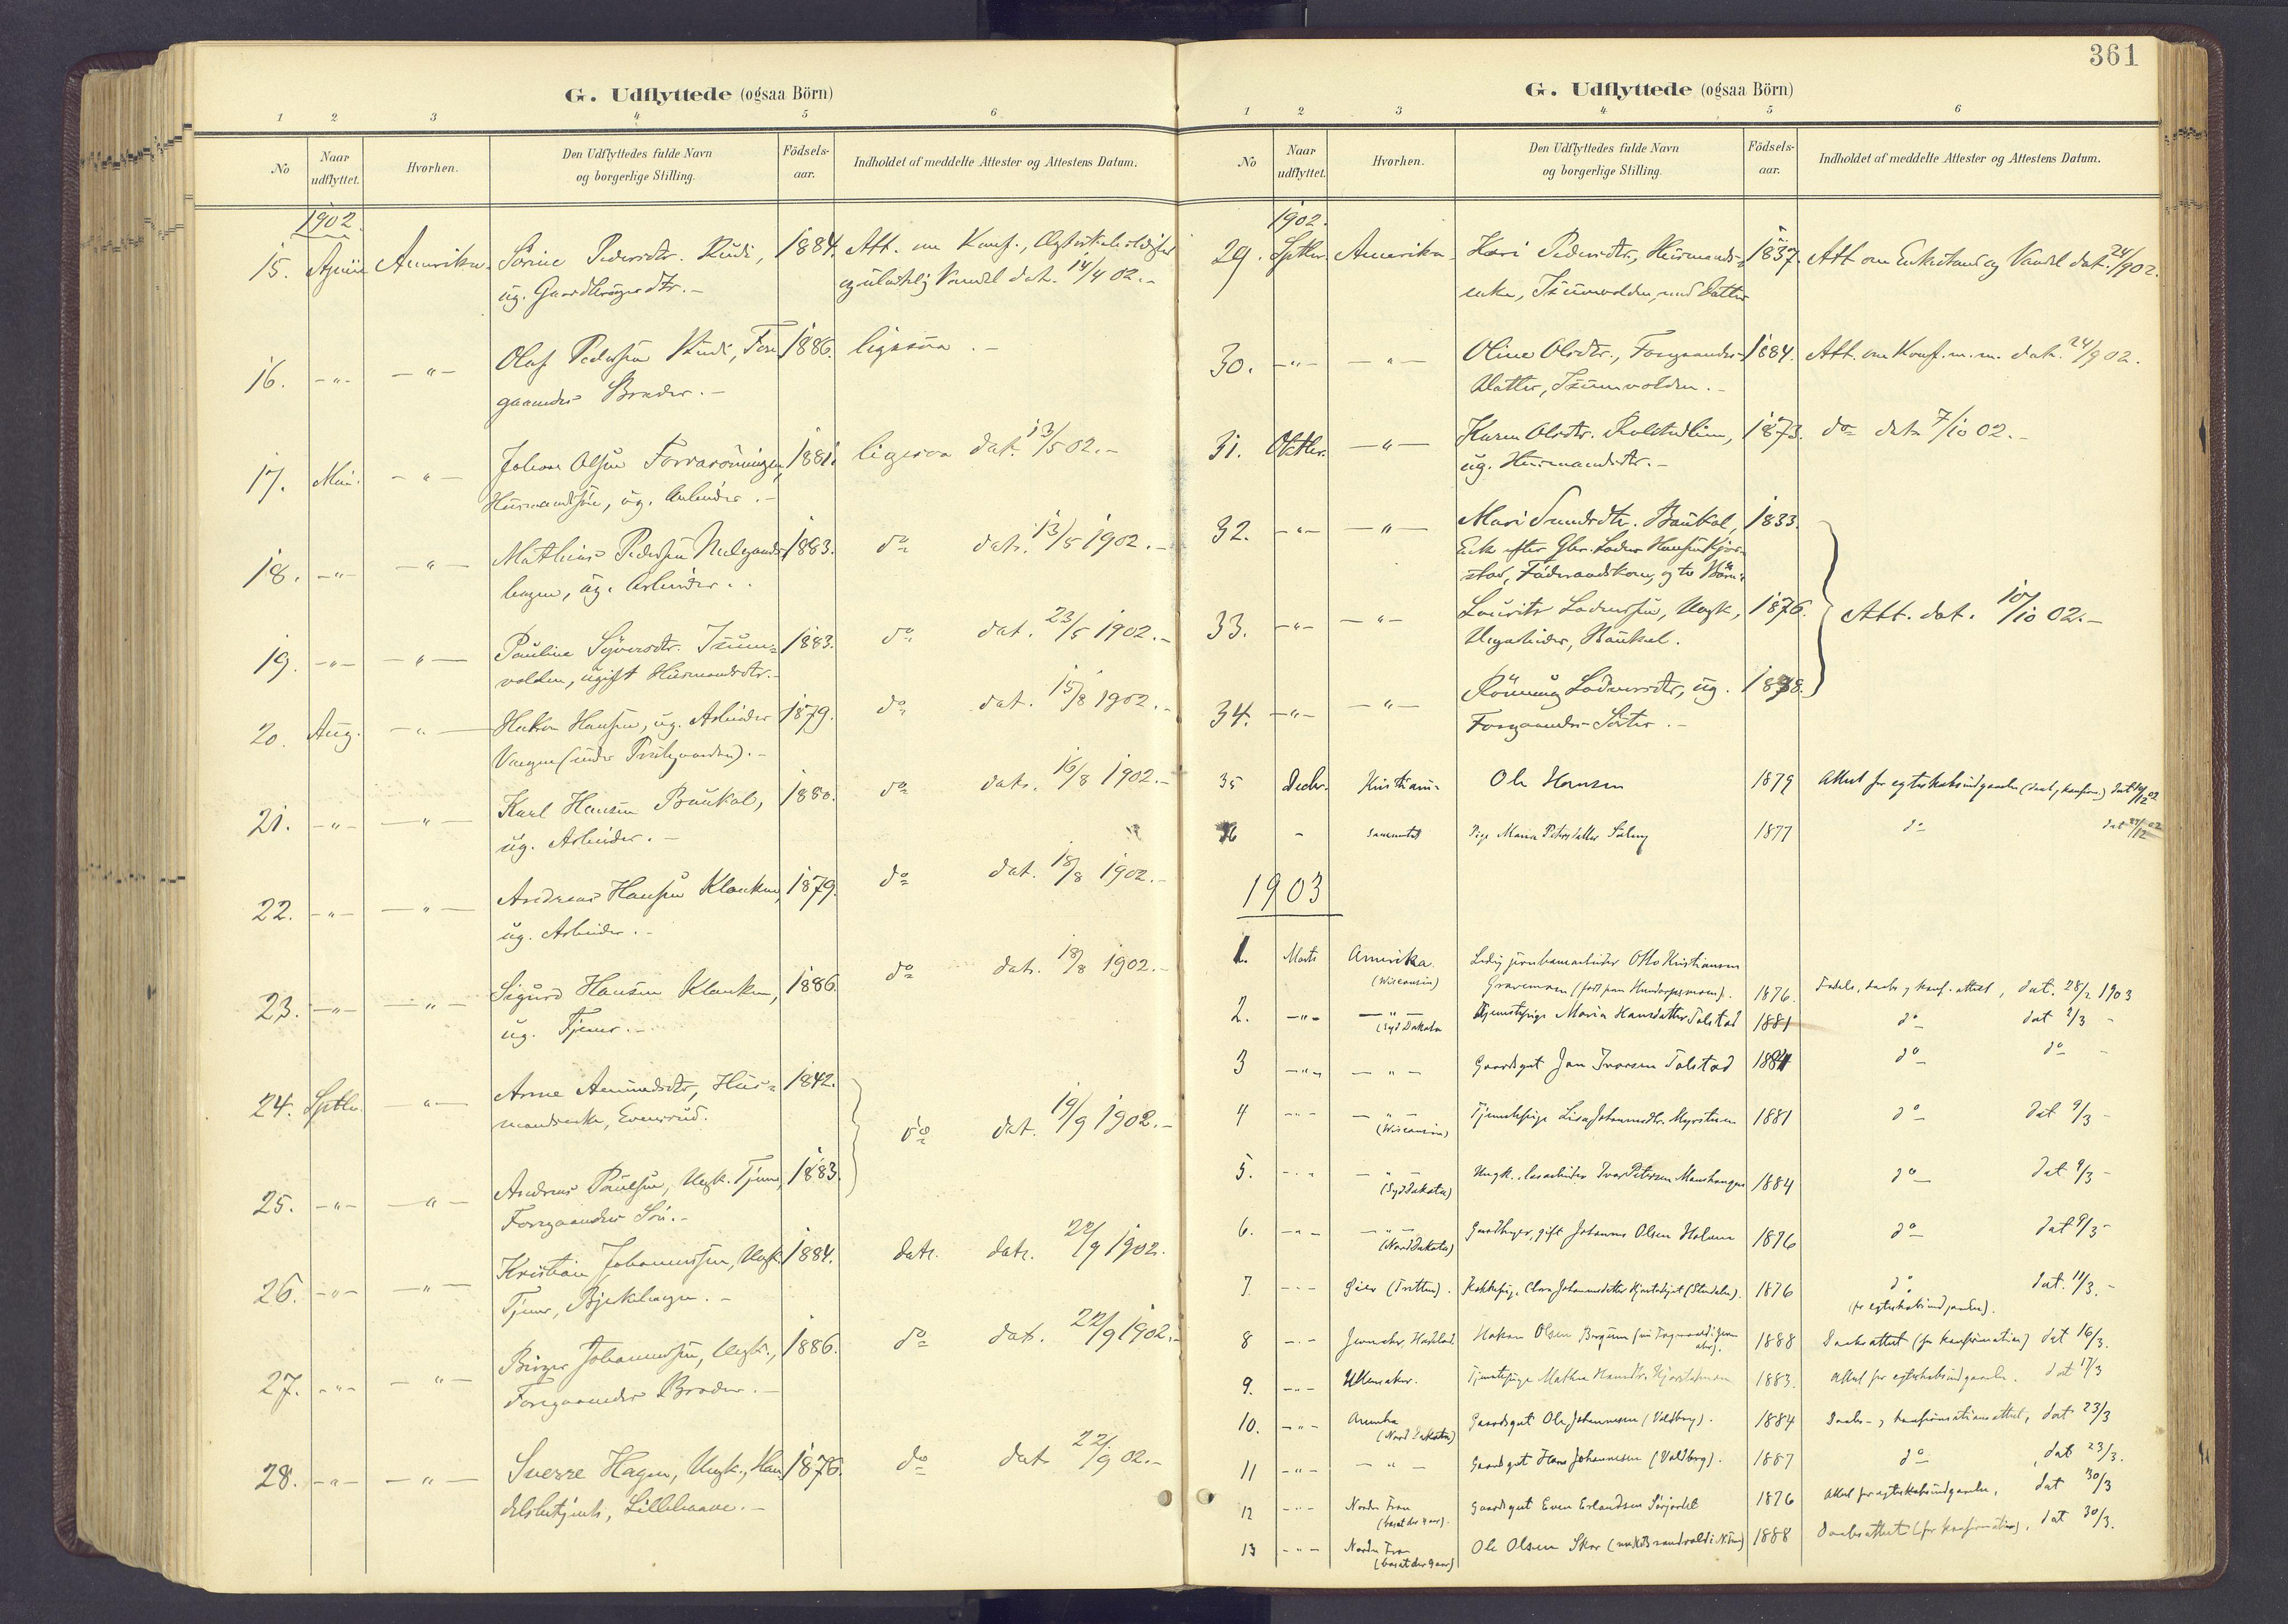 SAH, Sør-Fron prestekontor, H/Ha/Haa/L0004: Ministerialbok nr. 4, 1898-1919, s. 361